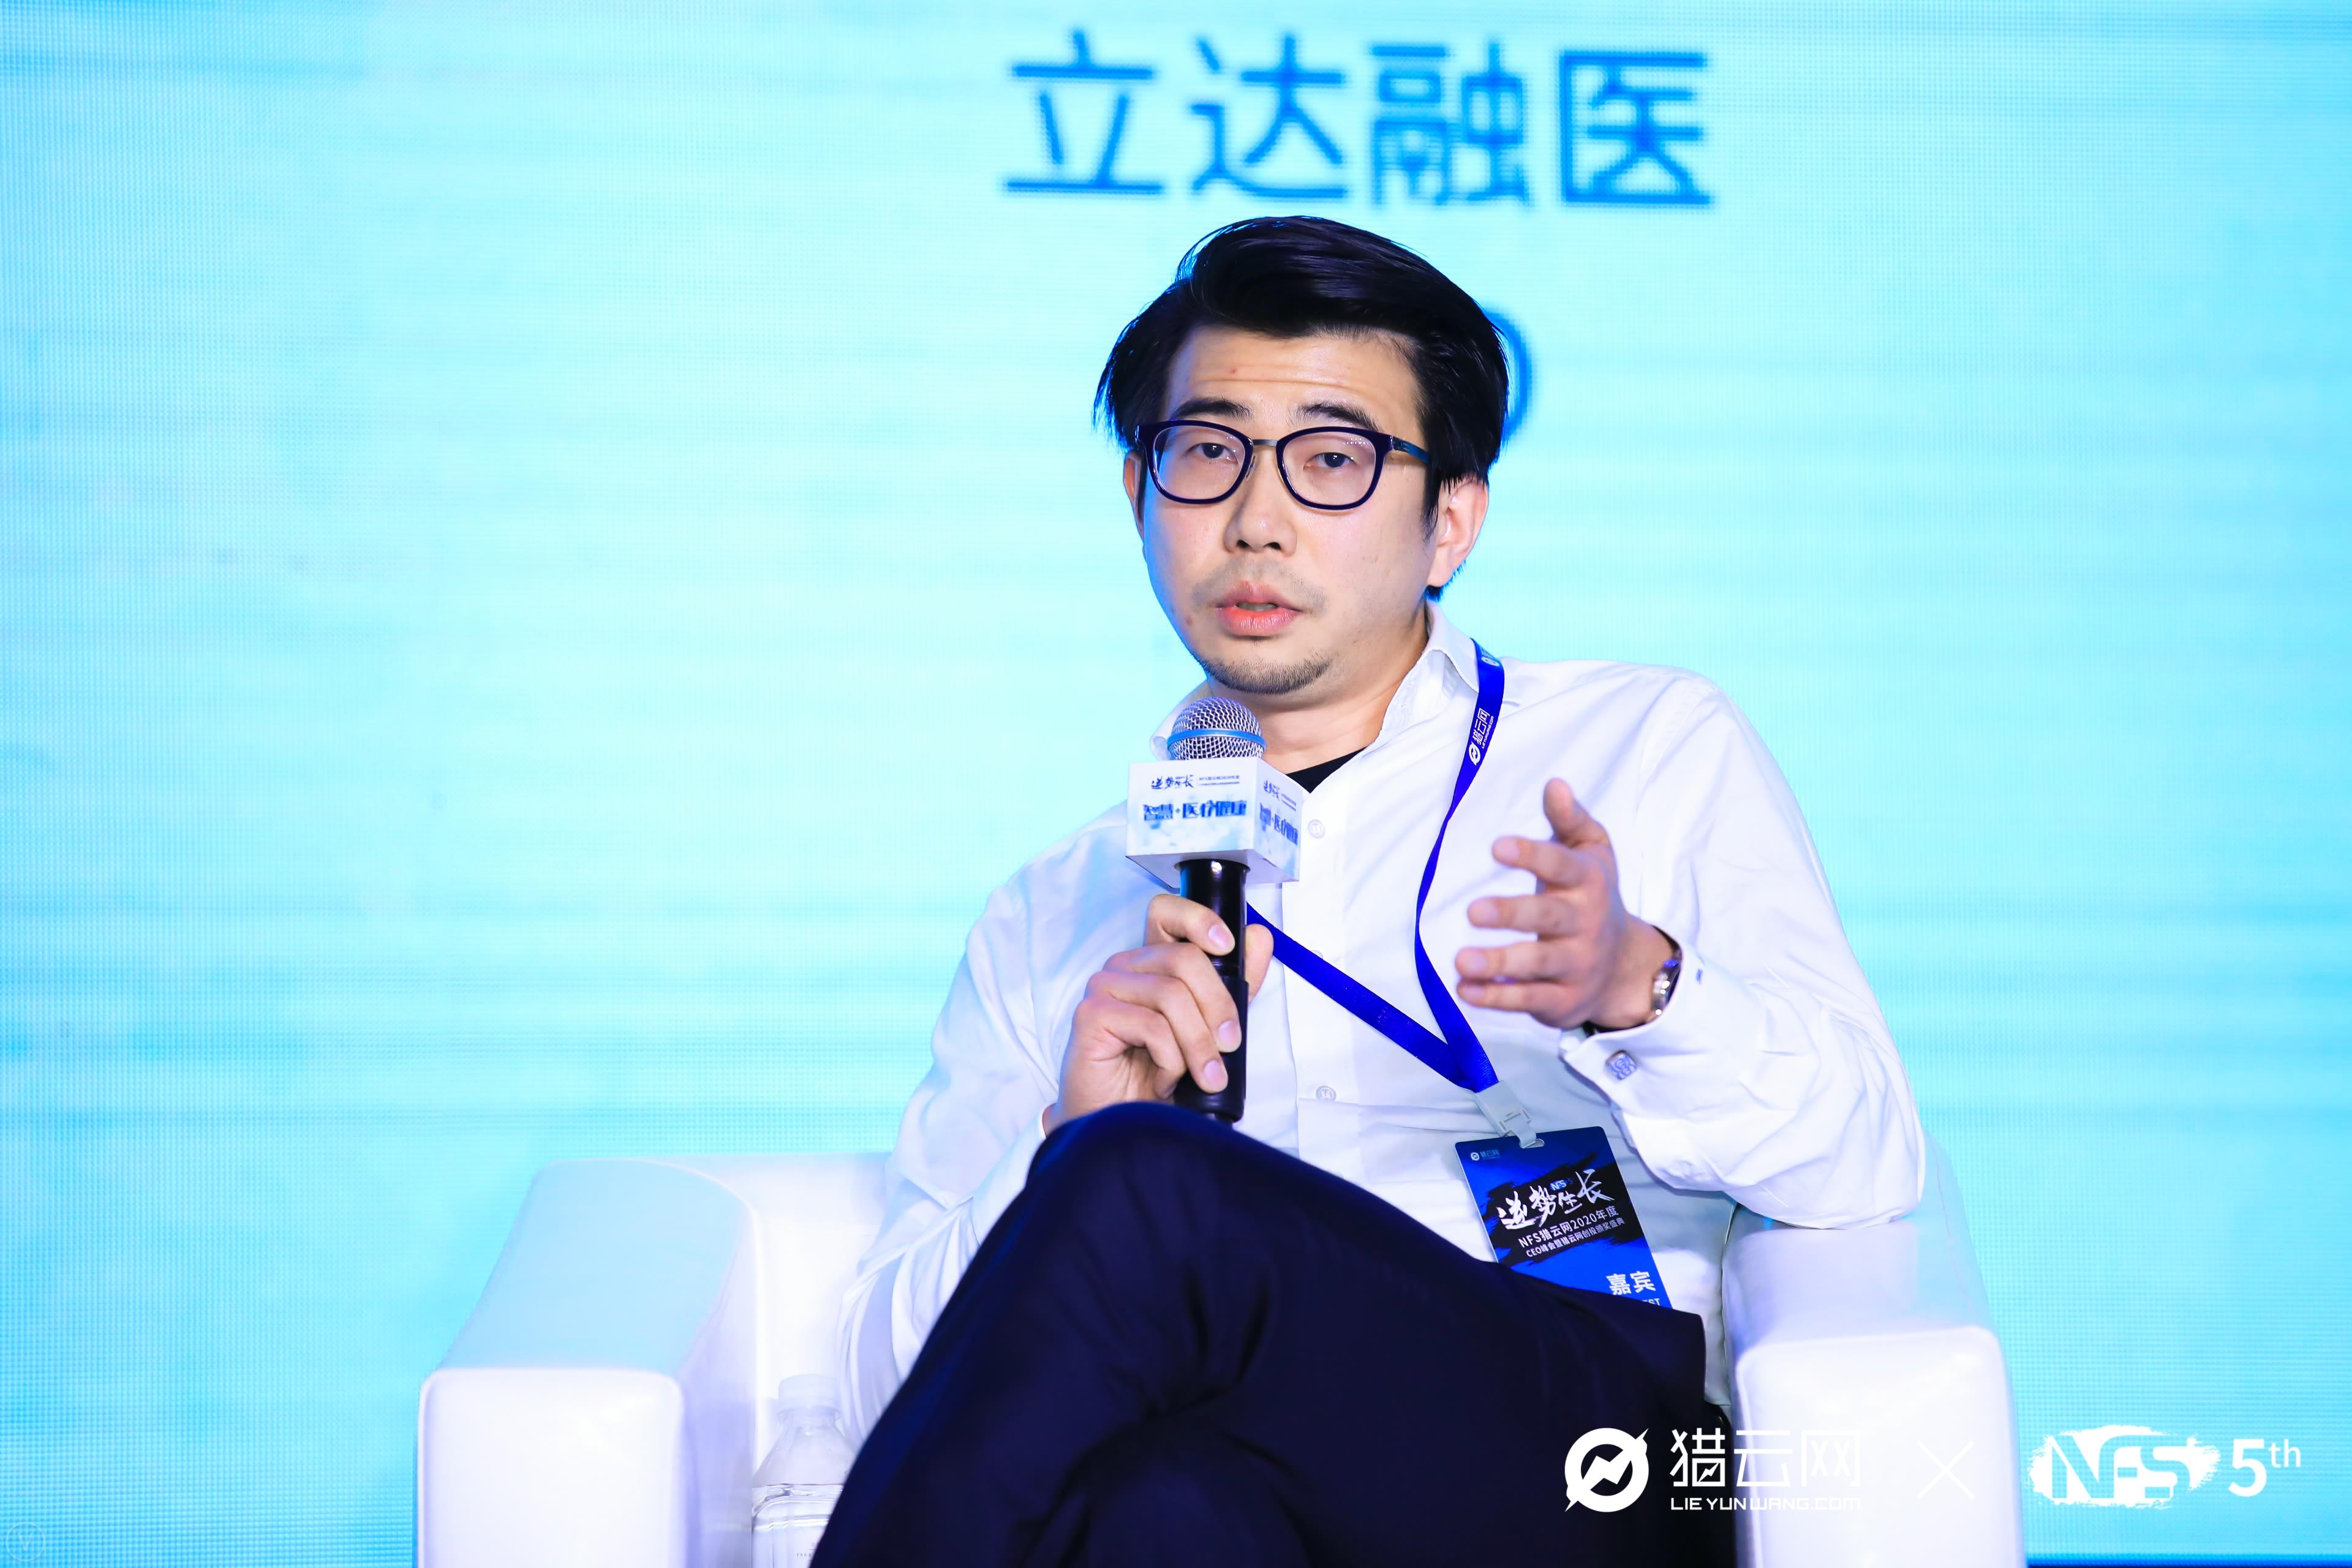 利达易蓉首席执行官徐宇杰:通过先进技术向基层医院推广新的治疗方法